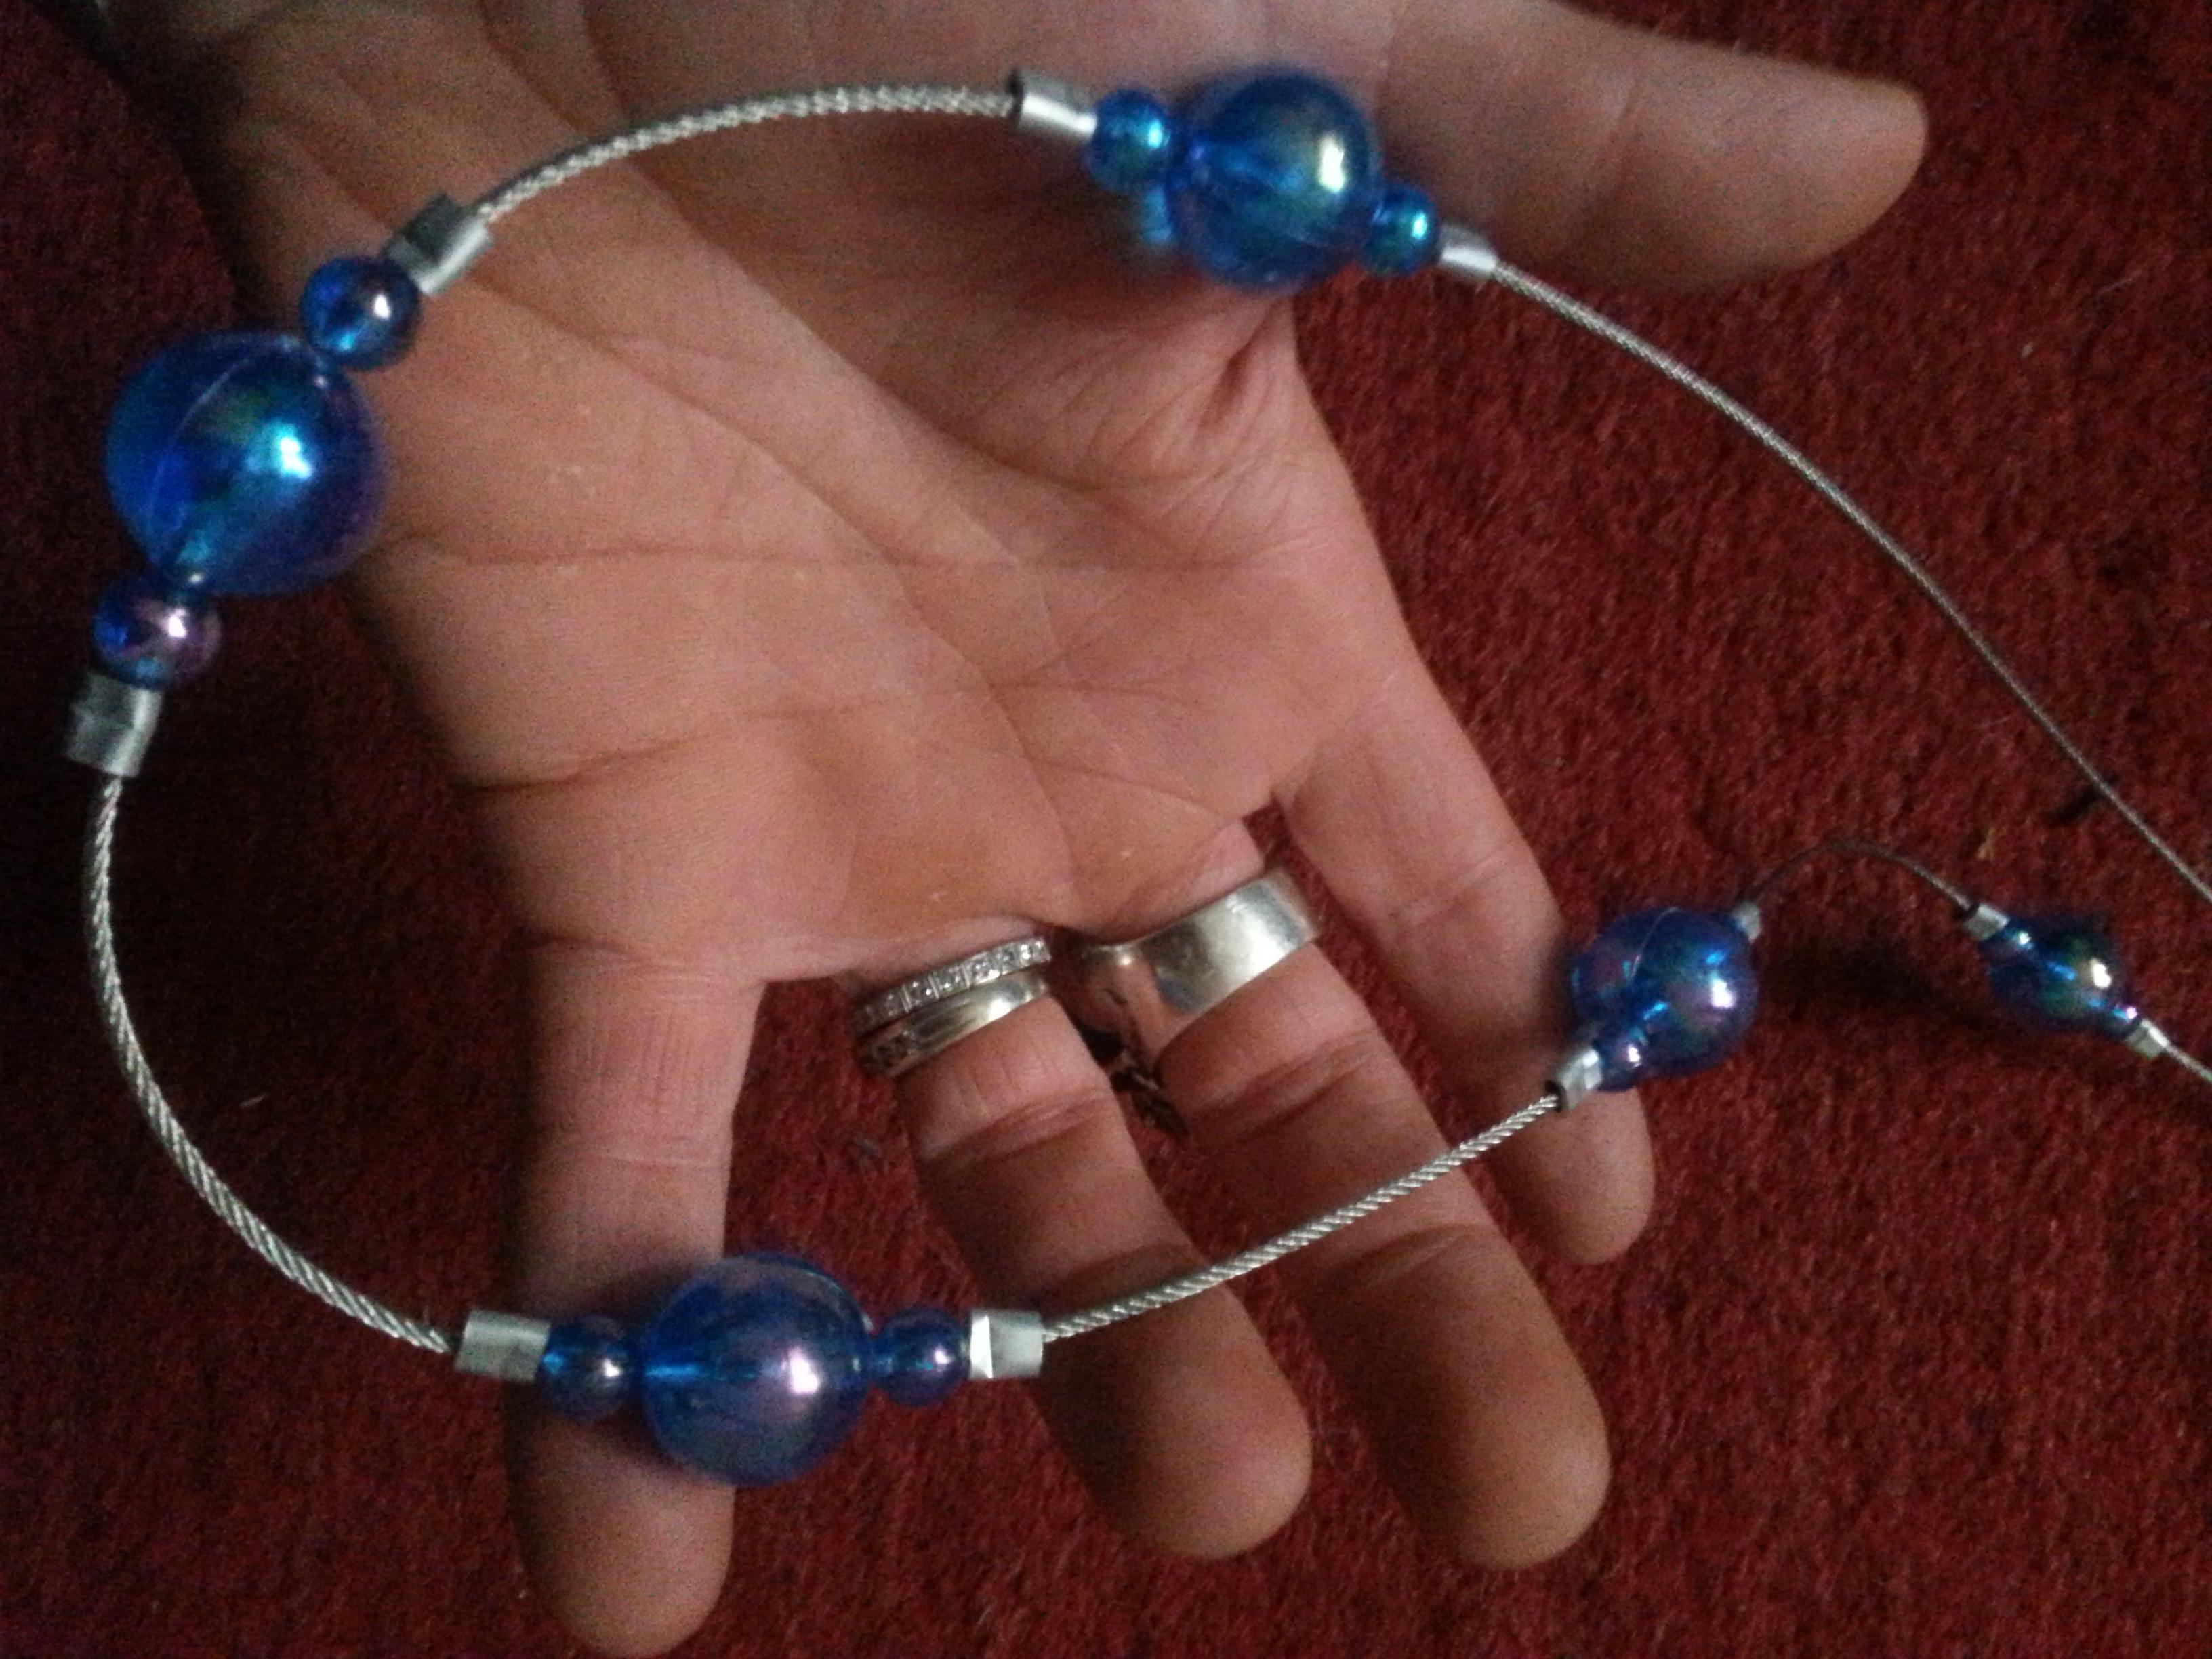 troc de troc (réservé) embrasse de rideau artisanale bleue image 1